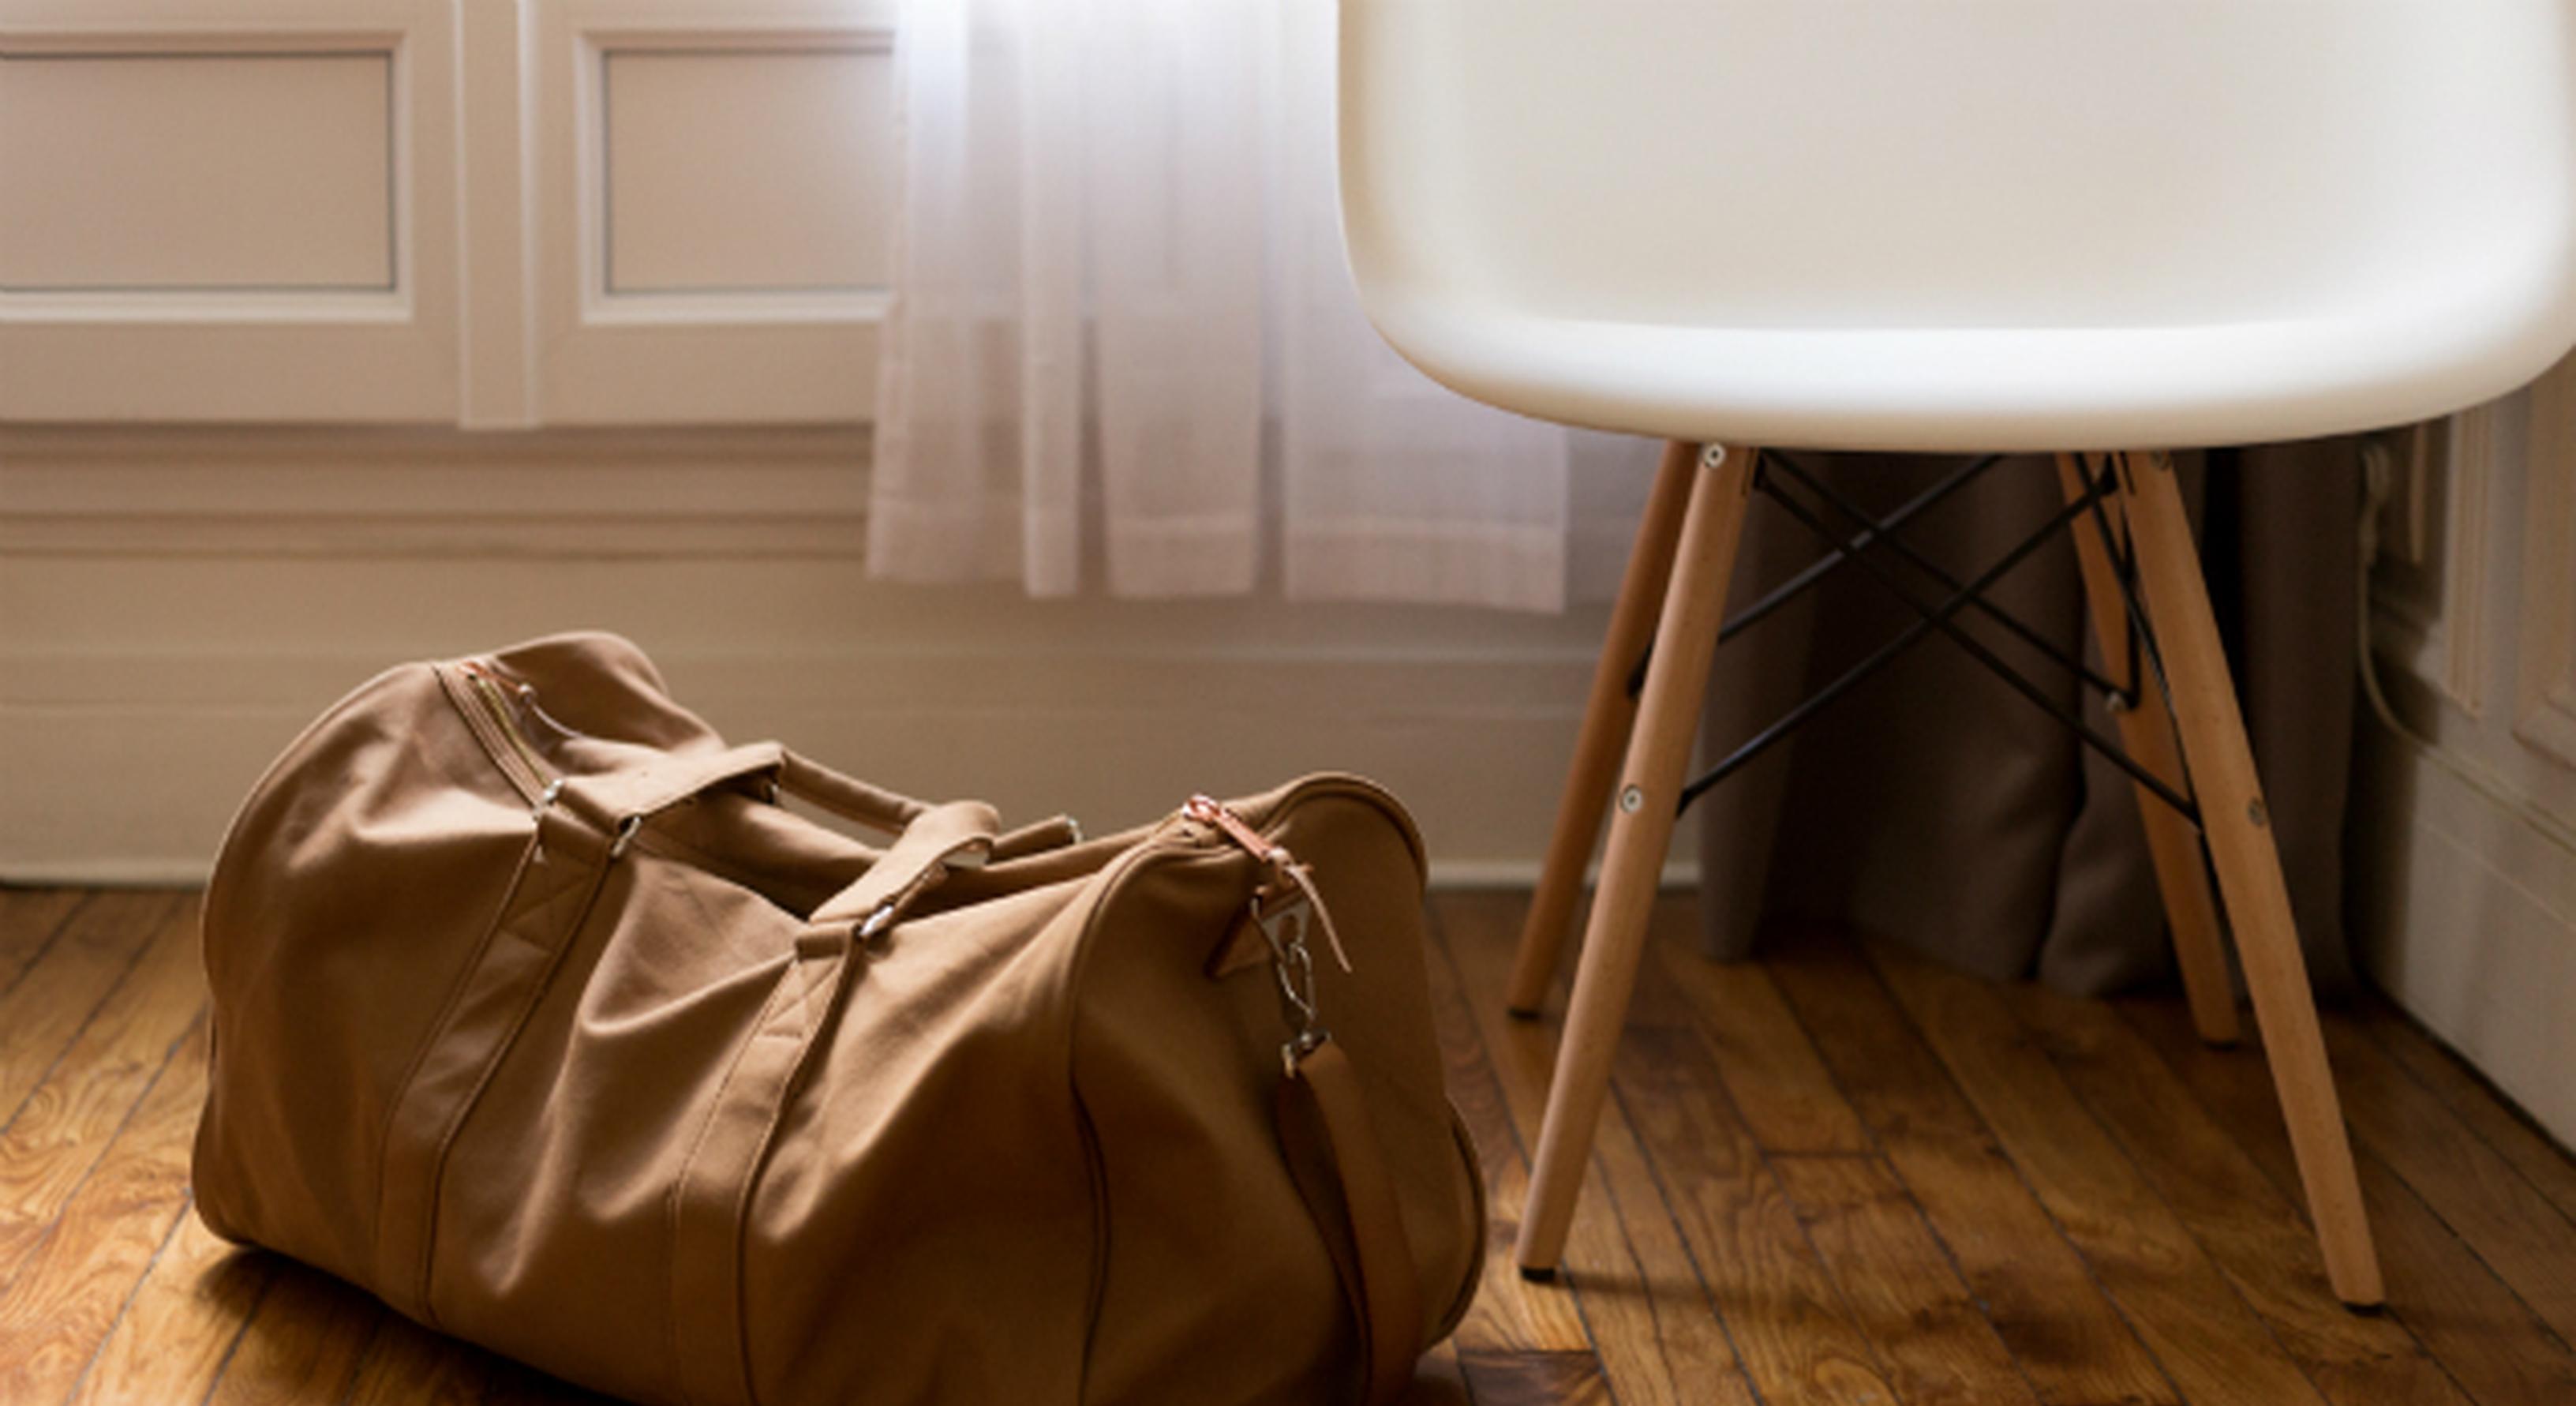 Man's bag sat on the floor